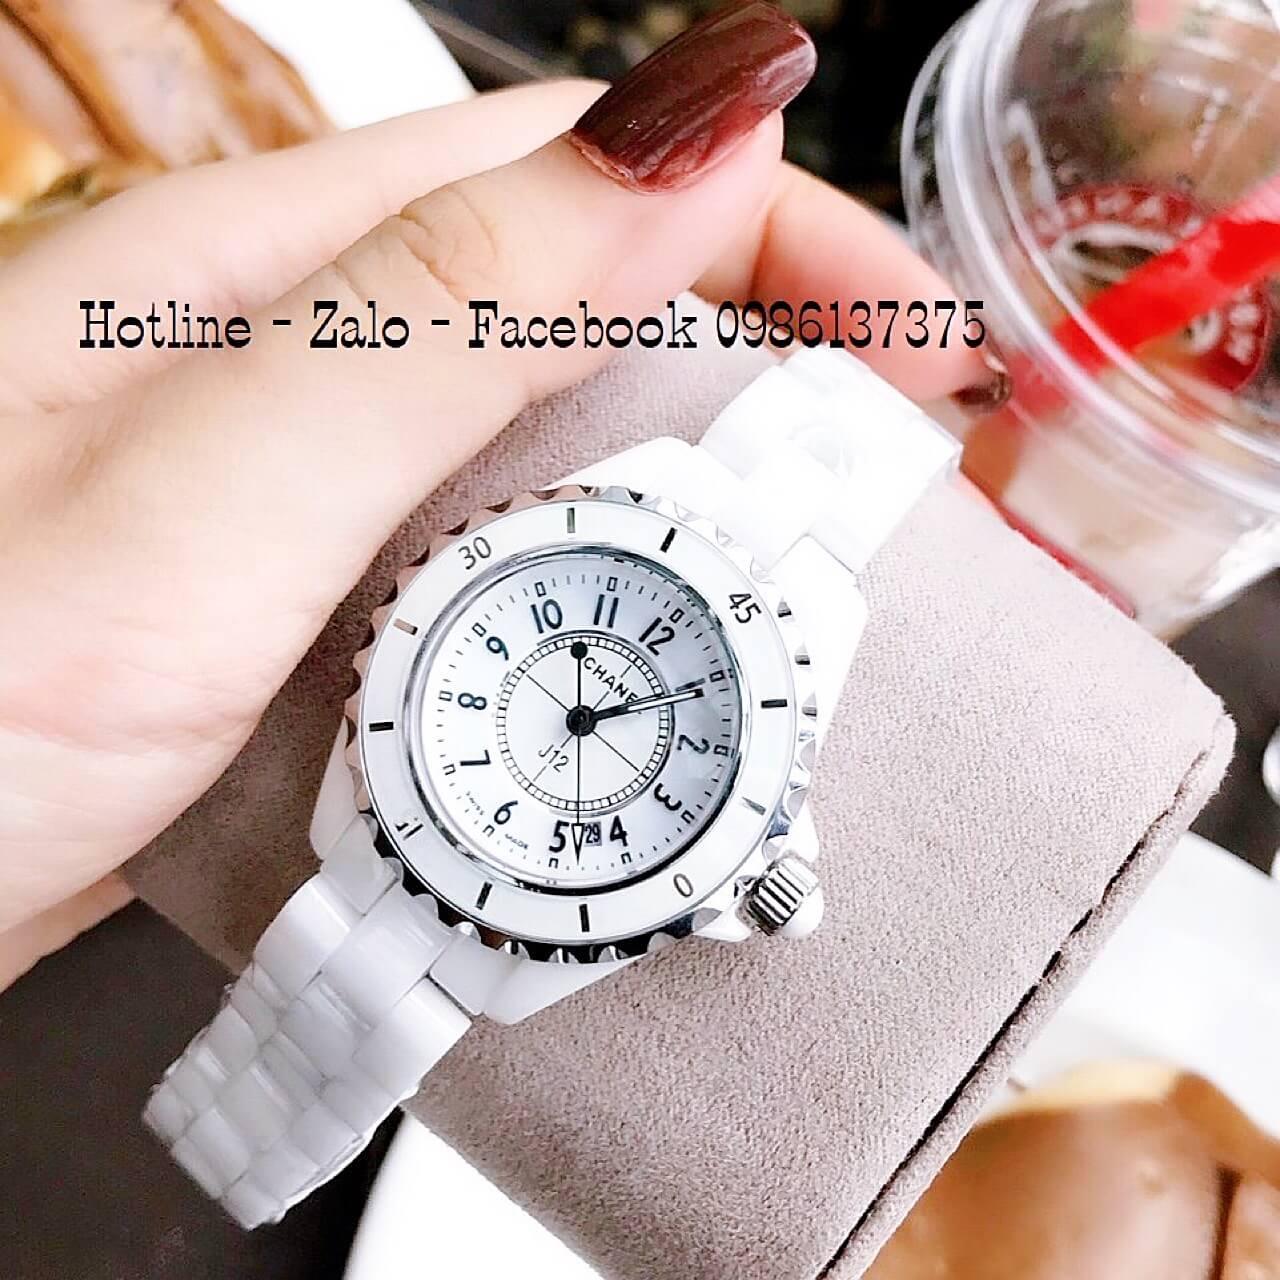 Đồng Hồ Nữ Chanel Đá Ceramic Trắng 34mm Siêu Cấp